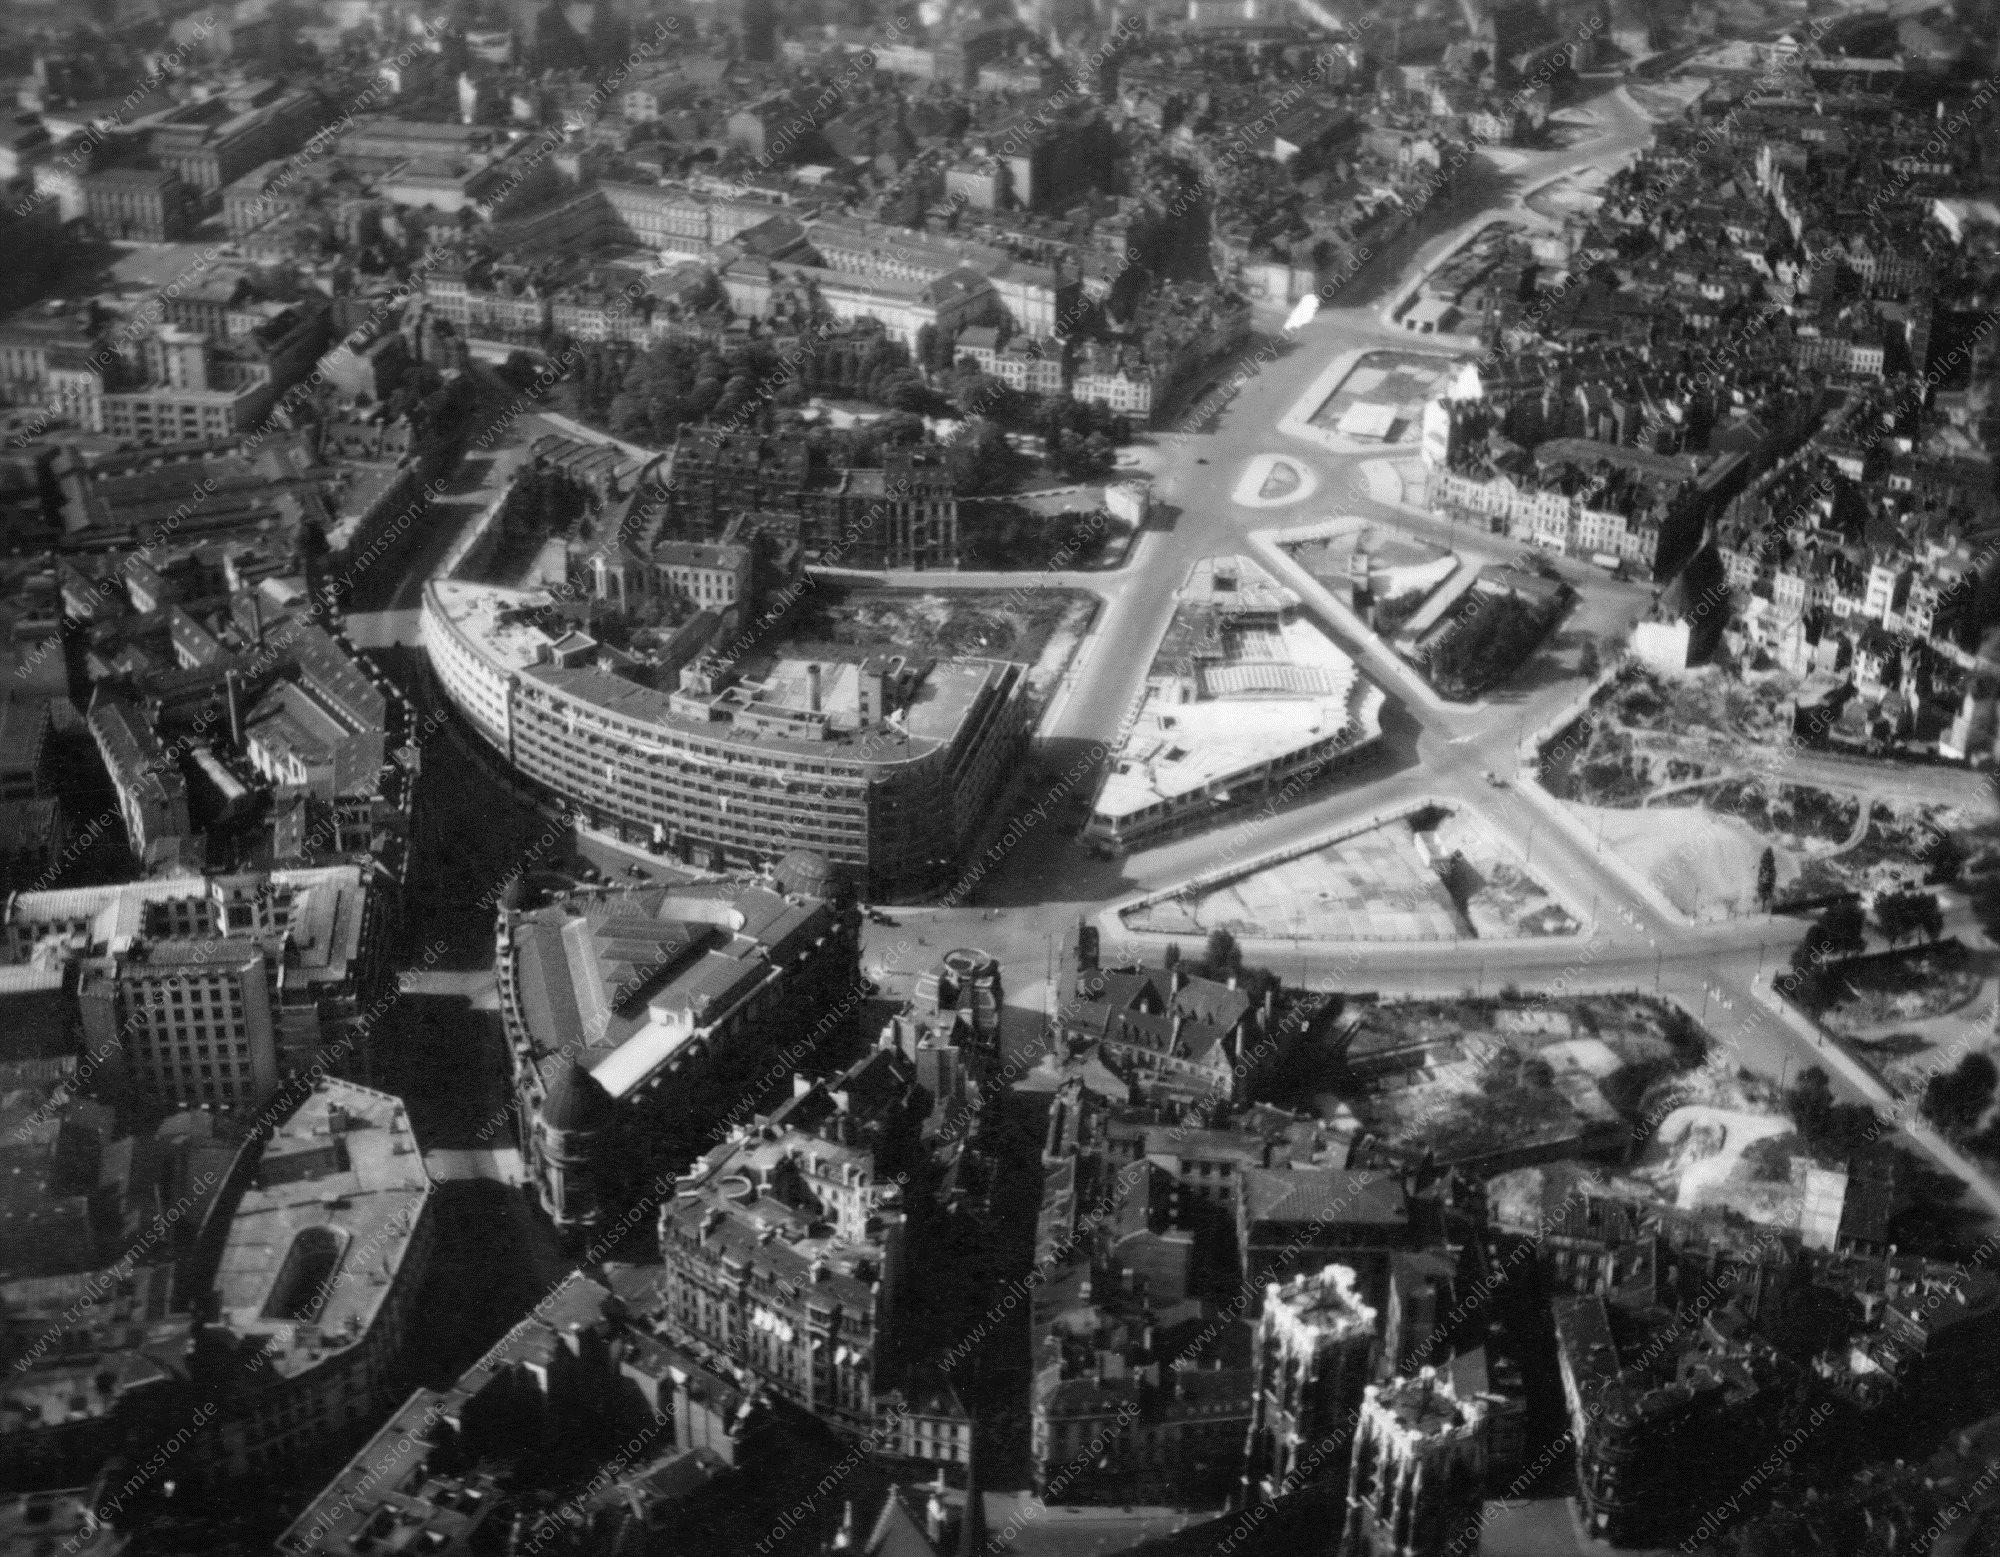 Ravensteingalerij, Ravensteinstraat en Kathedraal van Sint-Michiel en Sint-Goedele in het oude centrum van Brussel